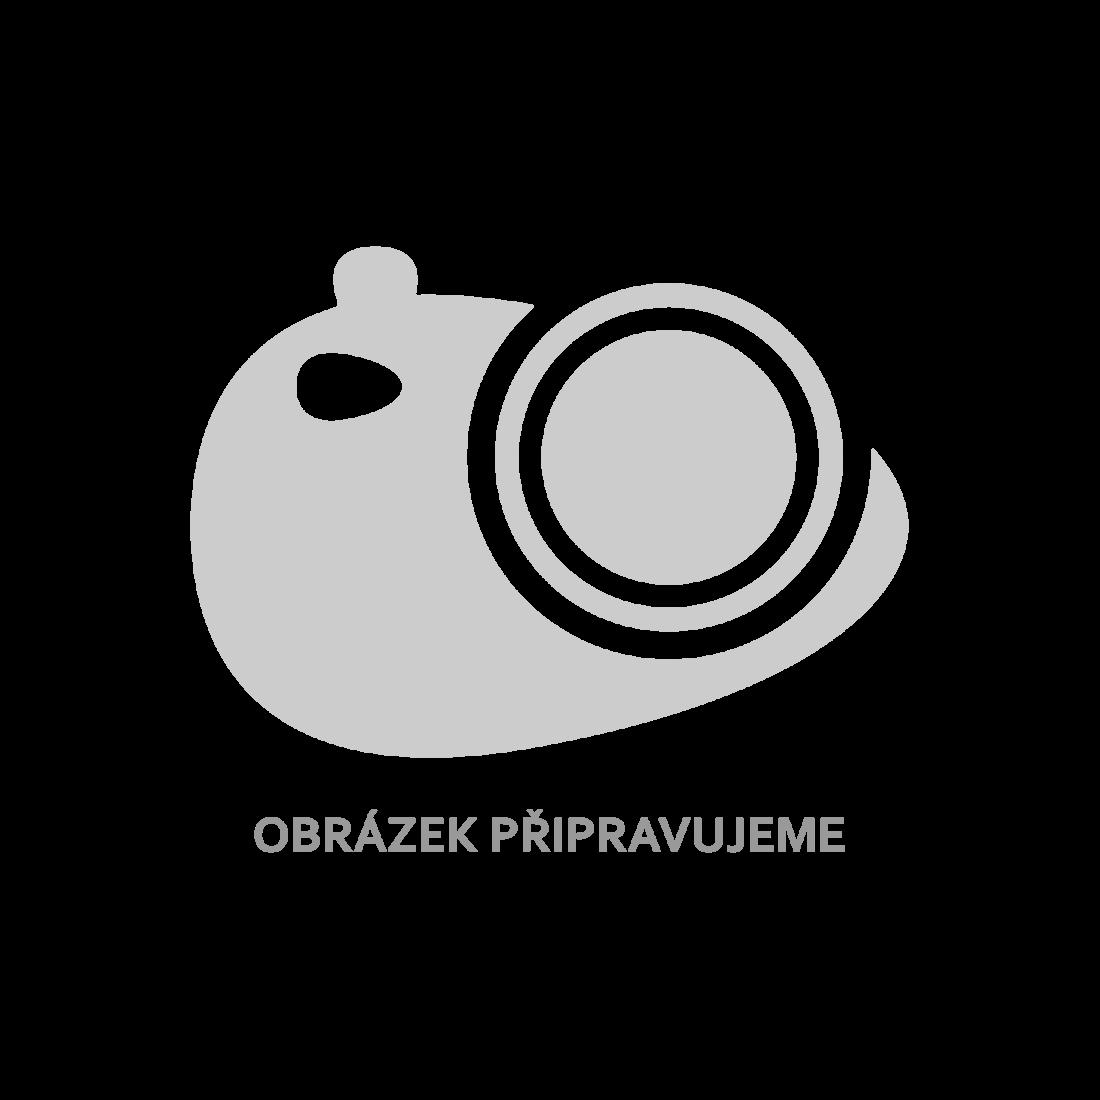 vidaXL Zahradní úložný box zelený 149 x 99 x 93 cm [46265]